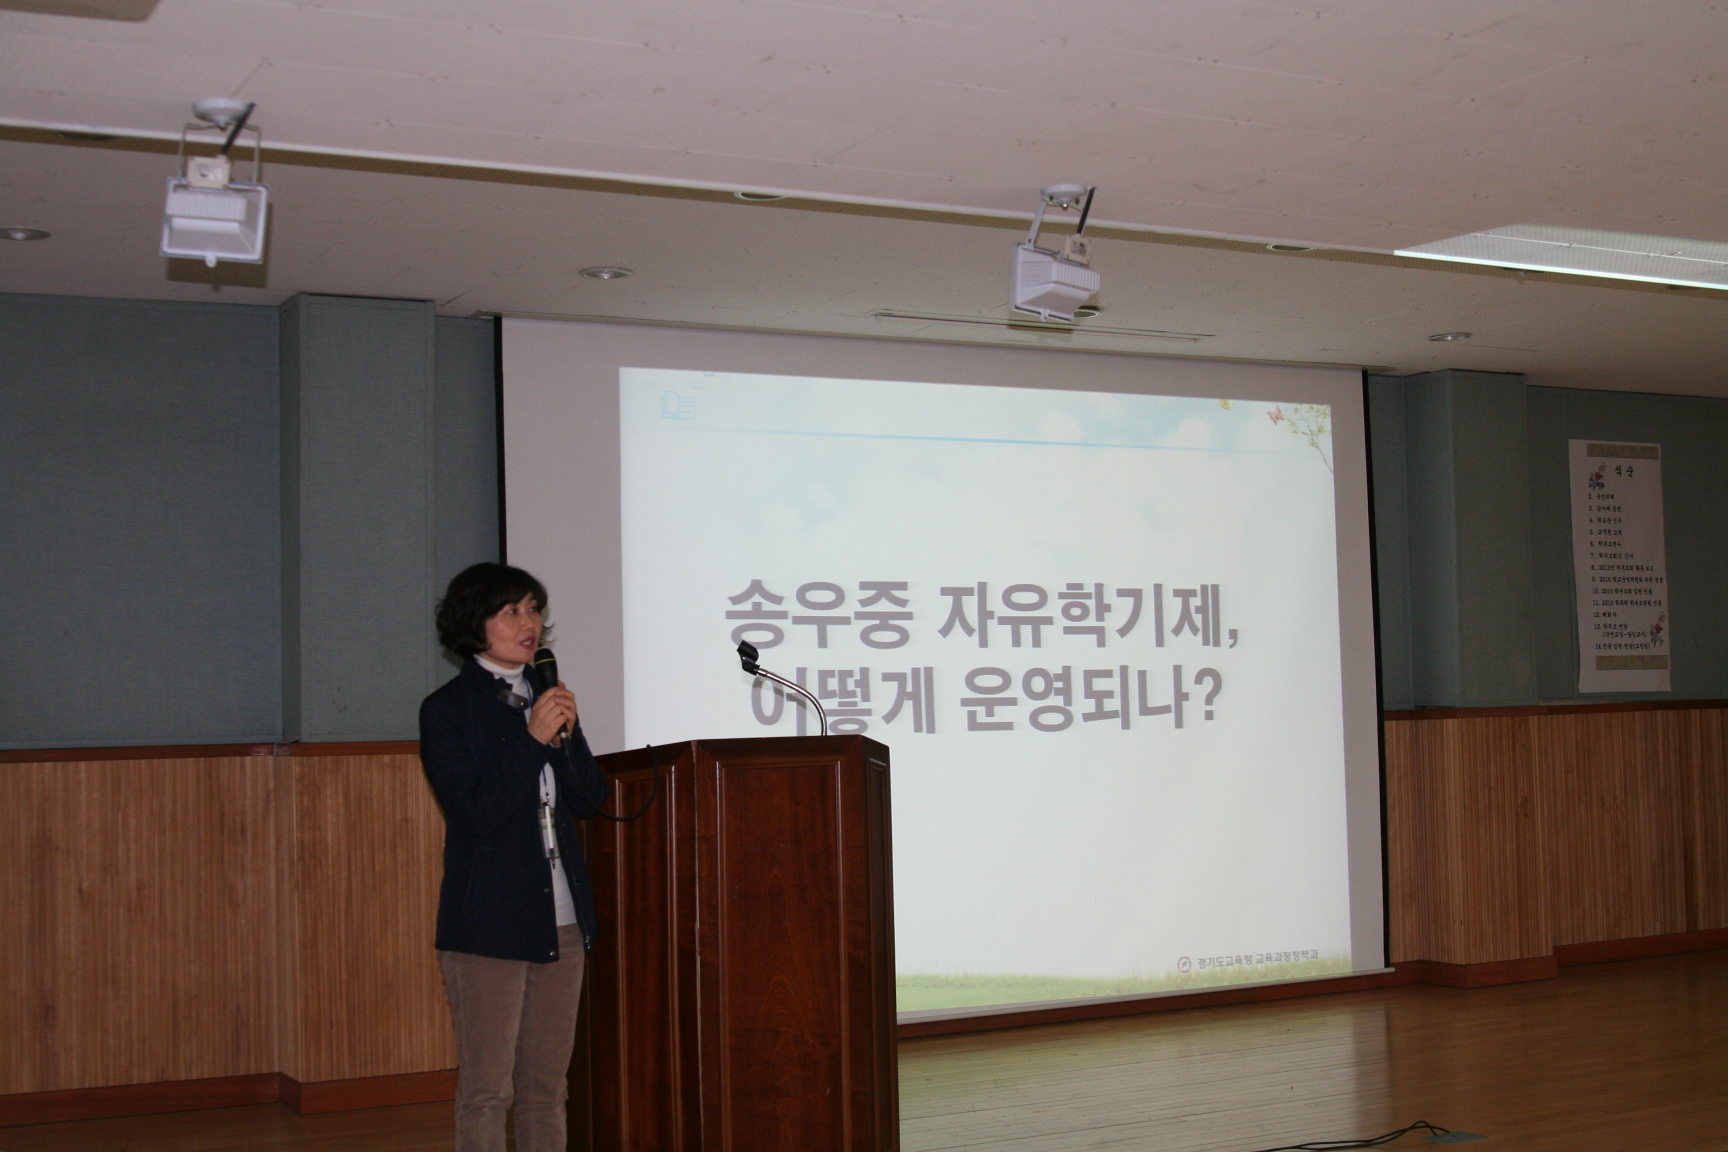 [일반] 2016학년도 상반기 학부모총회 의 첨부이미지 9